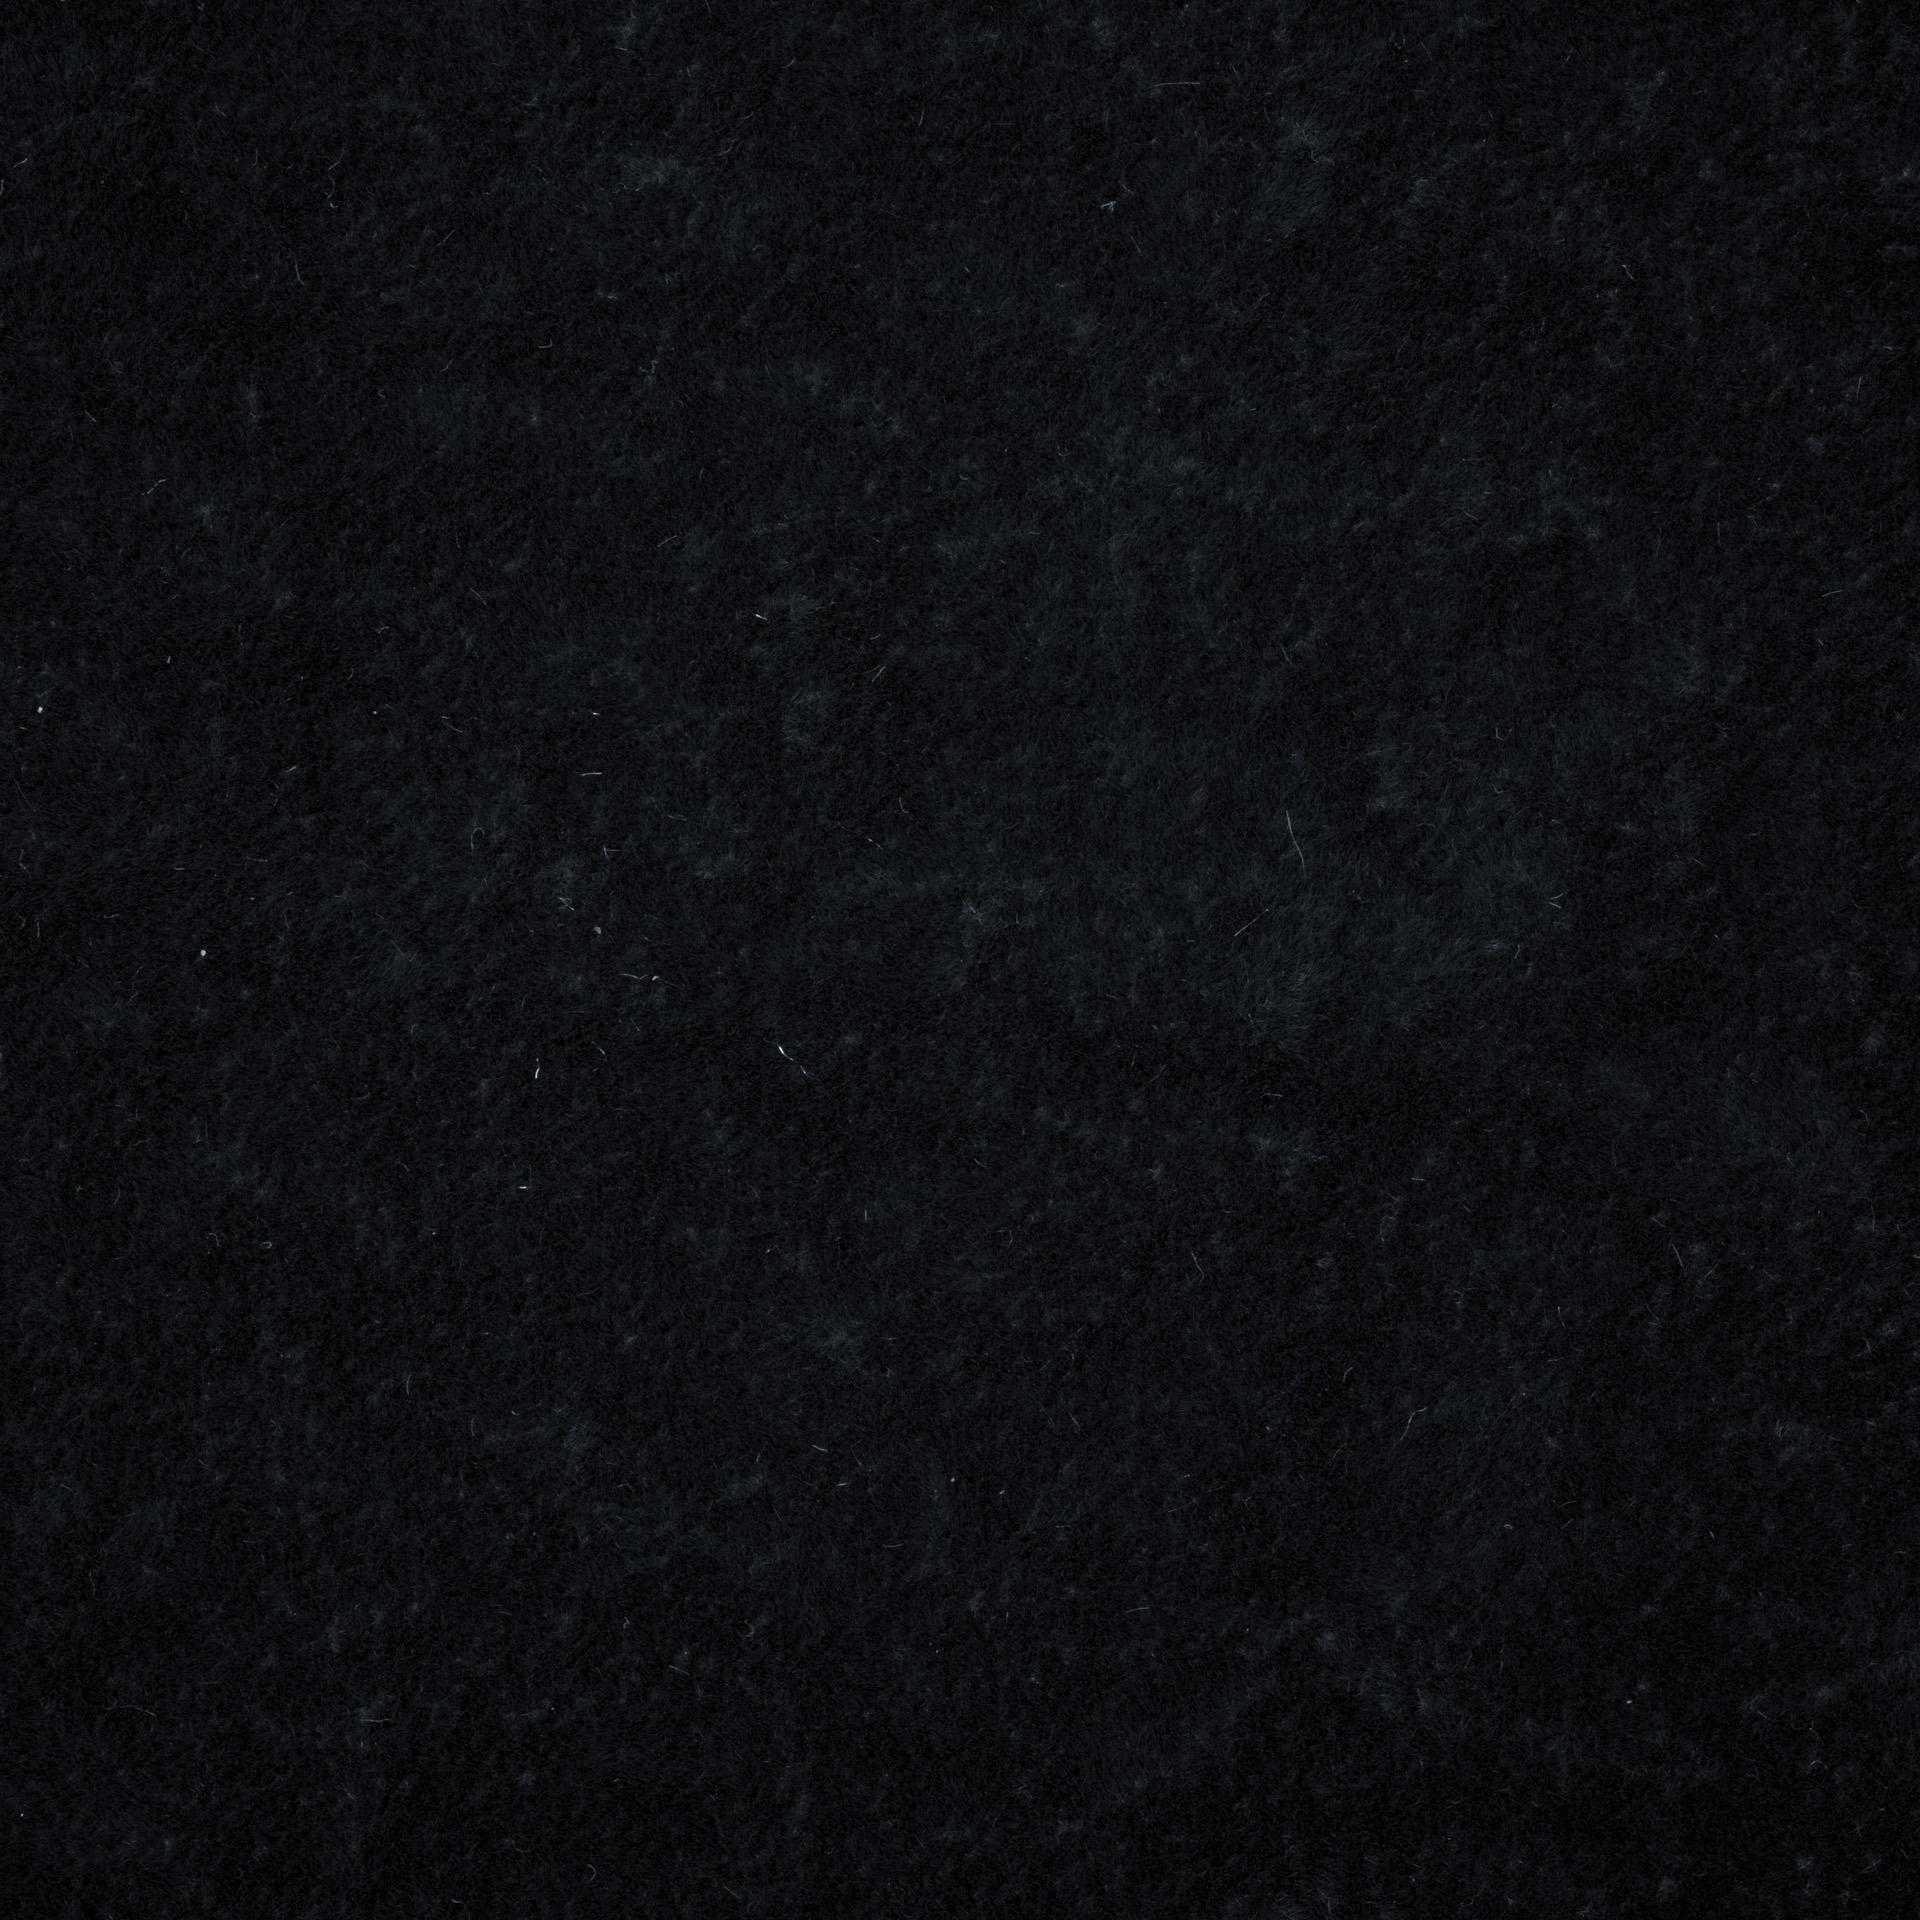 Коллекция ткани Финт BLACK,  купить ткань Флок для мебели Украина